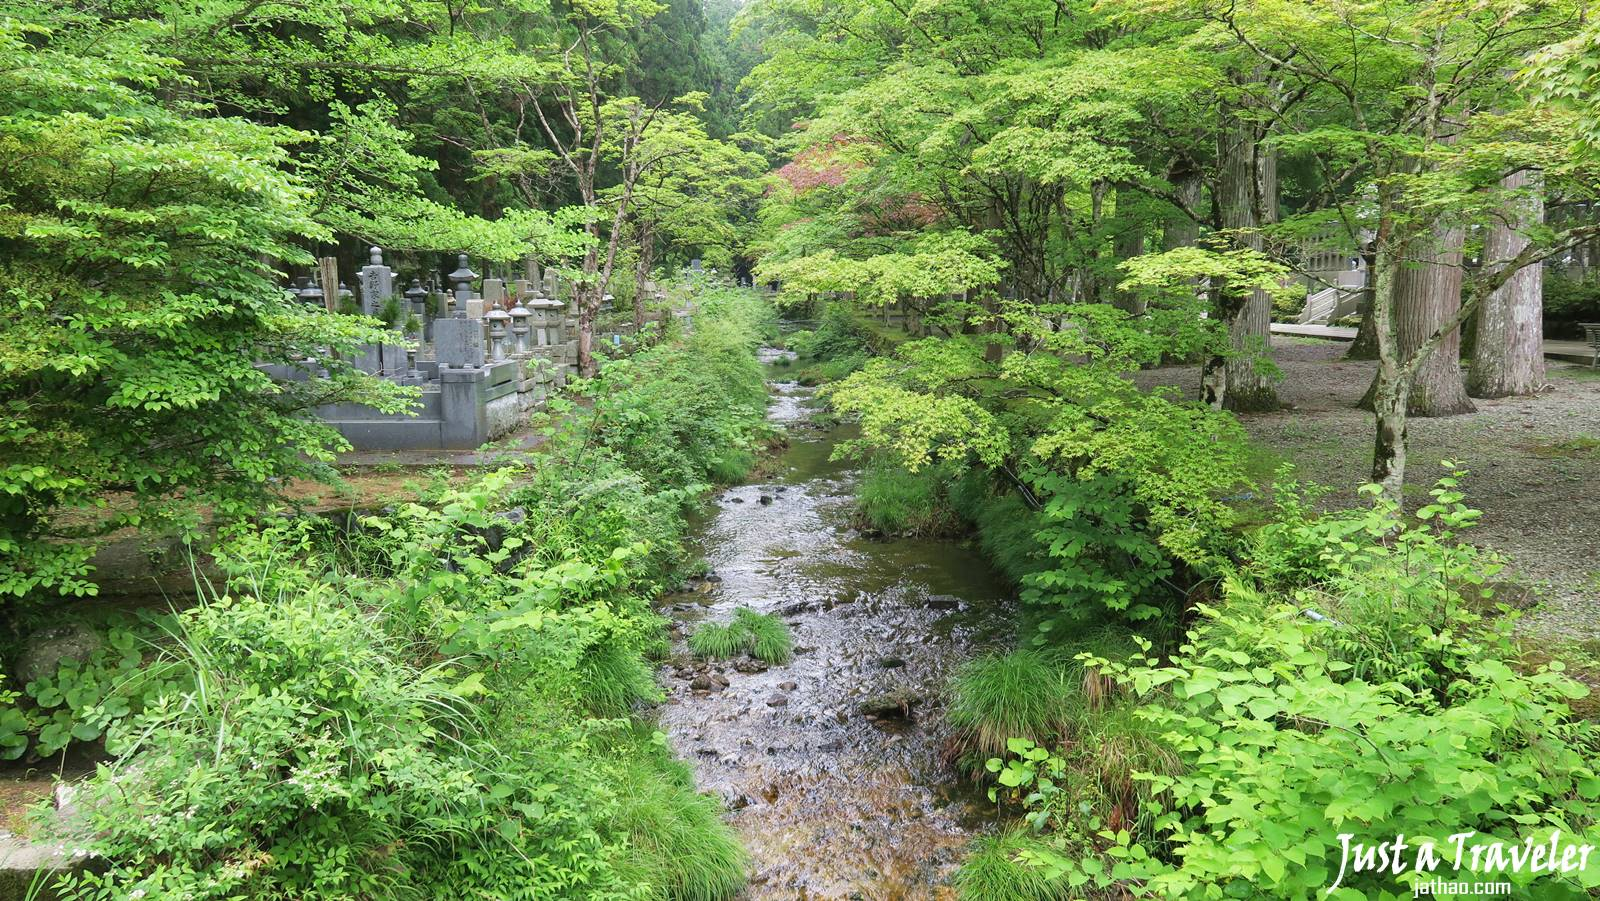 和歌山-高野山-奧之院-高野山景點-高野山交通-行程-攻略-一日遊-二日遊-自由行-旅遊-遊記-Koyasan-Travel-Japan-日本